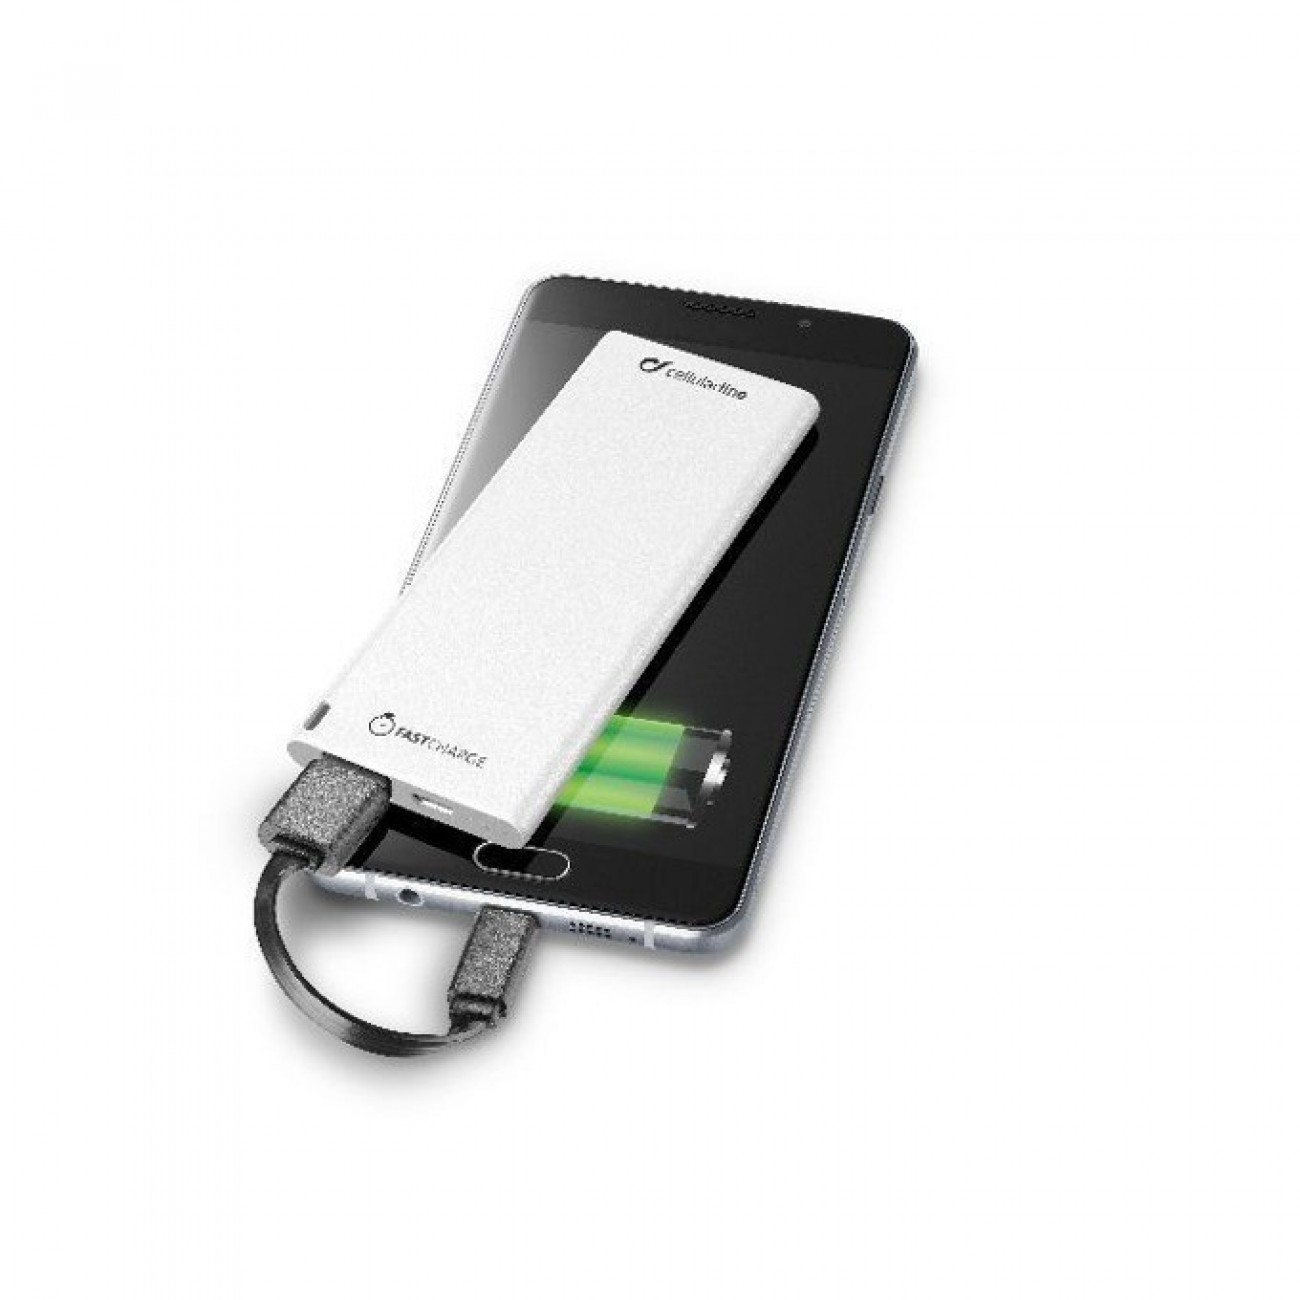 Външна батерия/power bank, Cellular Line FREEPOWER SLIM 3000 UNIVERSALE, 3000mAh, бяла, microUSB Type B, USB A в Външни батерии -    Alleop